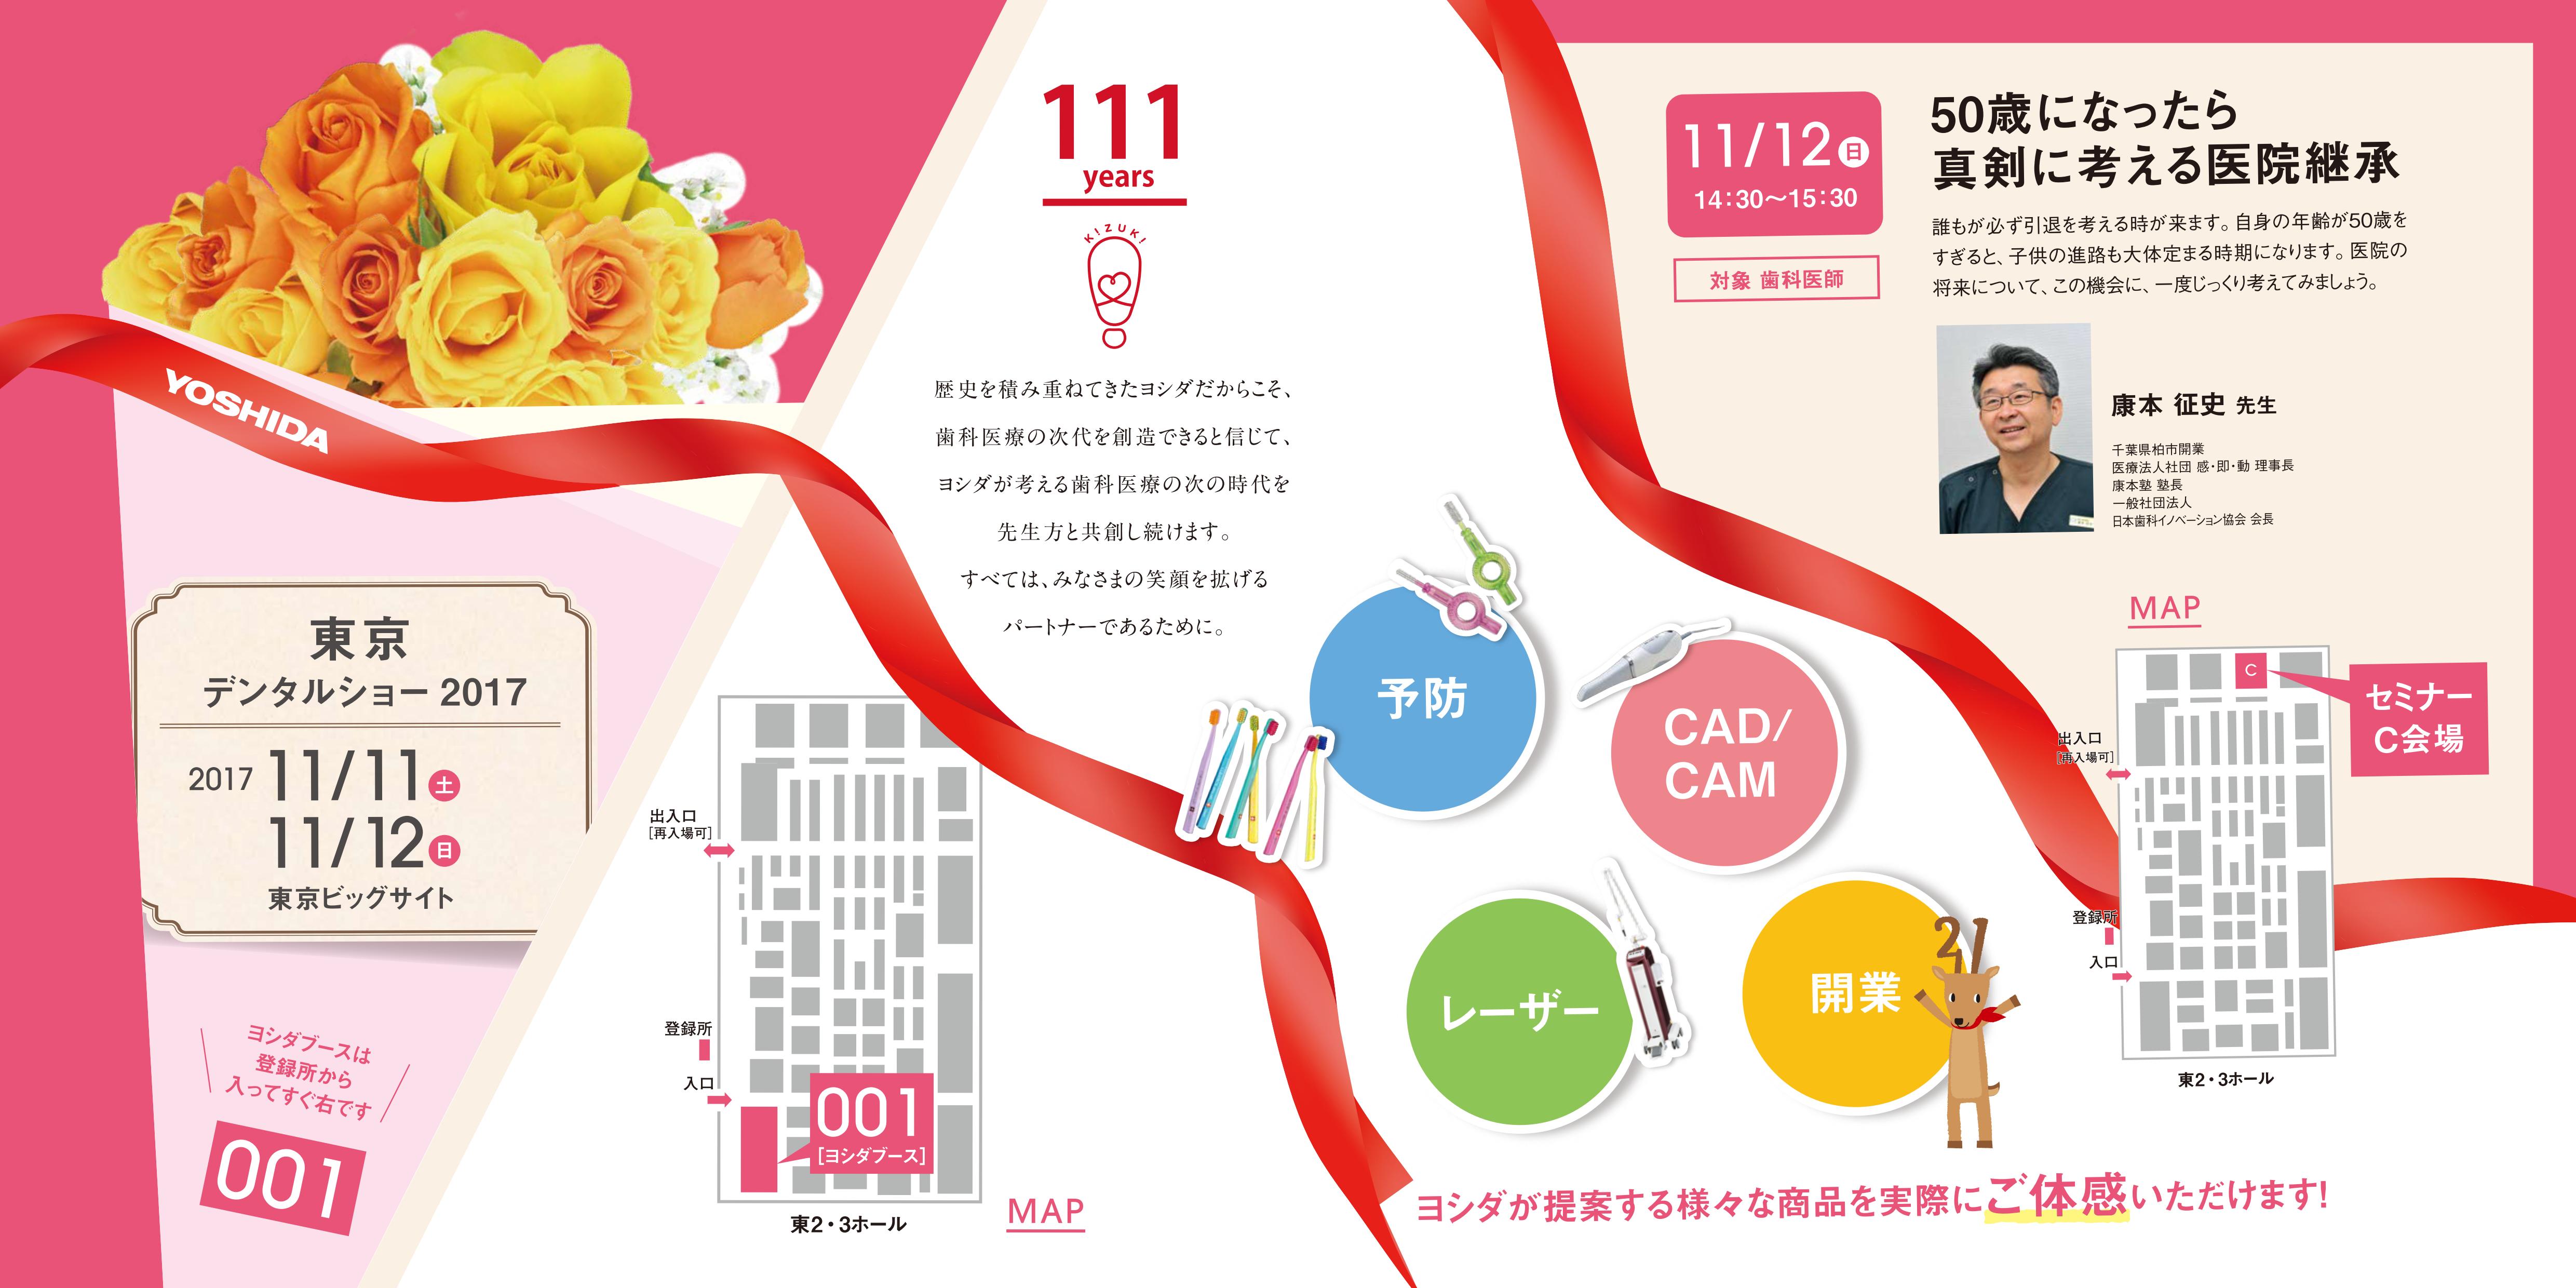 東京デンタルショー2017_01